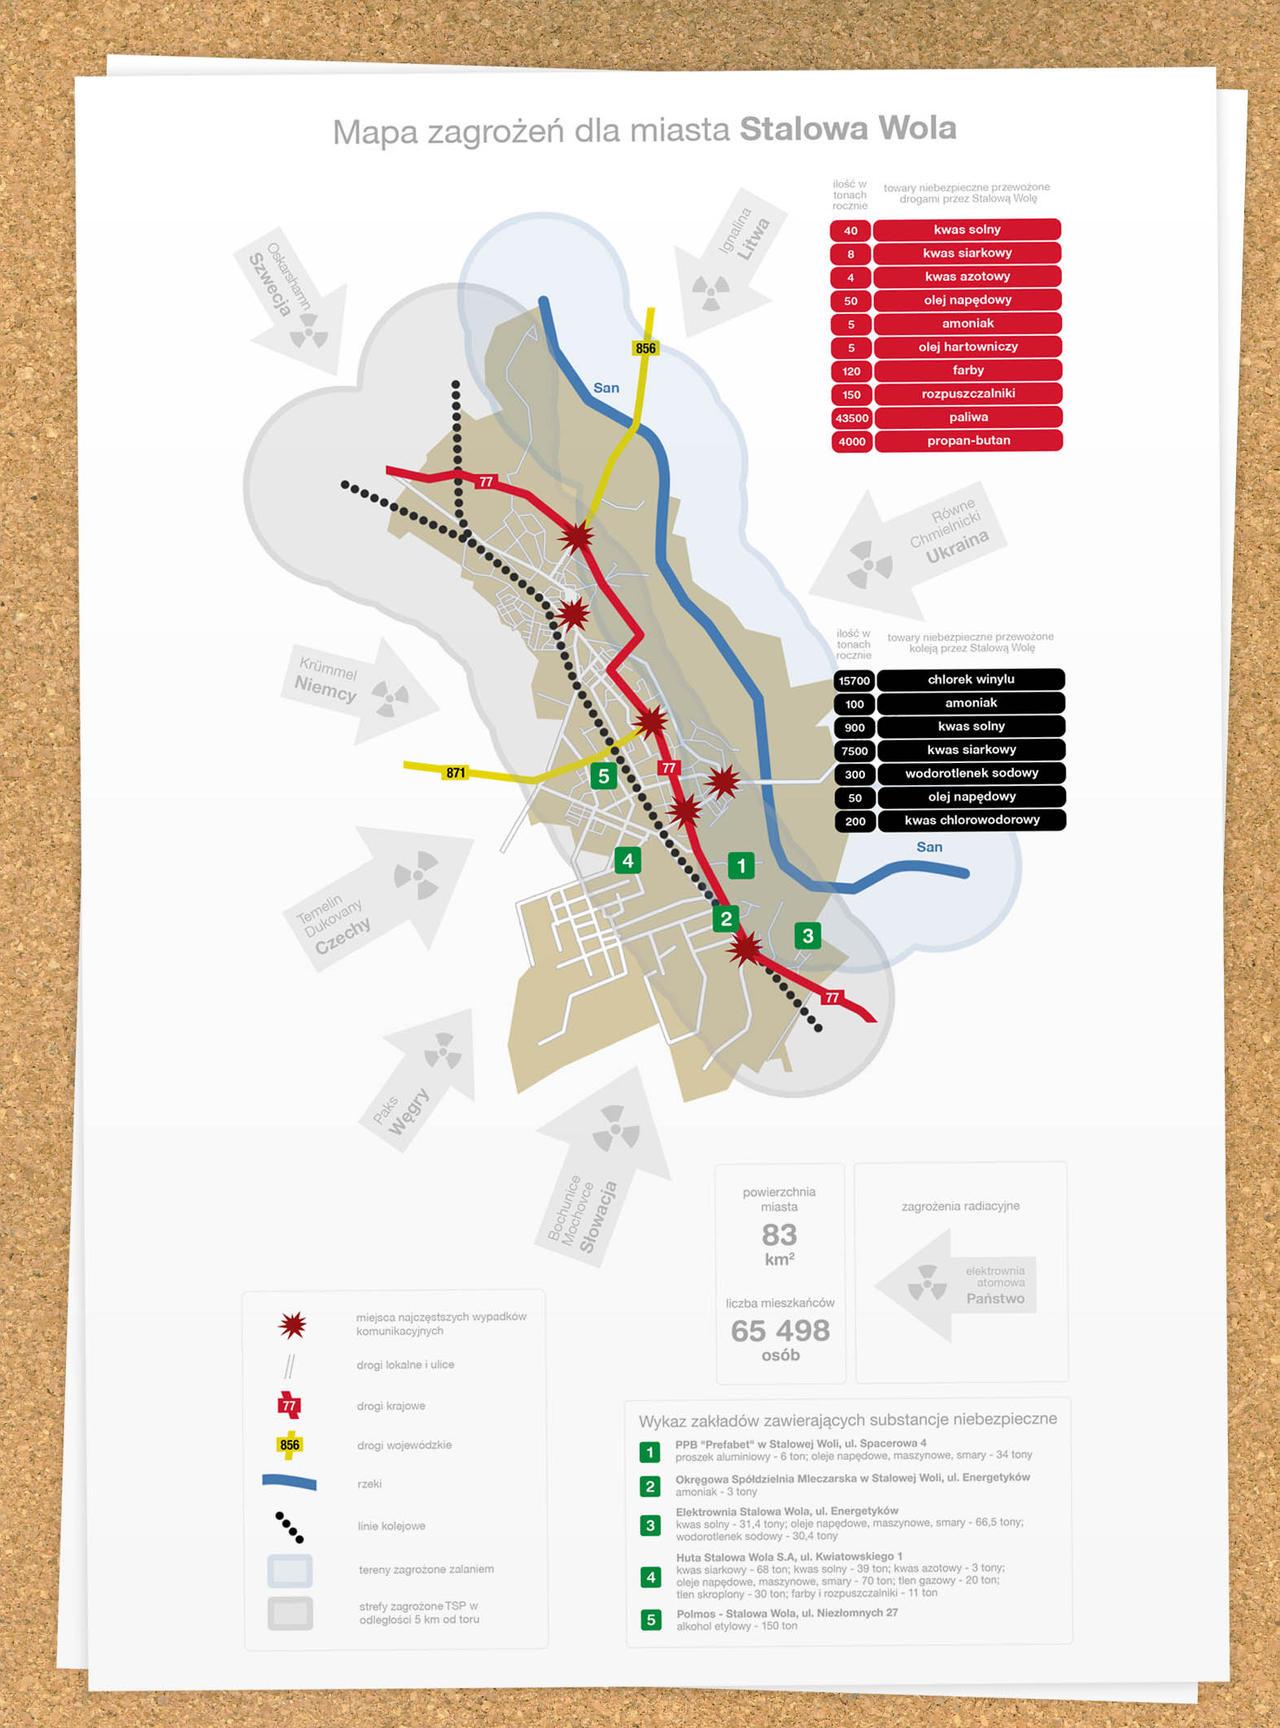 Danger's map - Stalowa Wola by bisek0